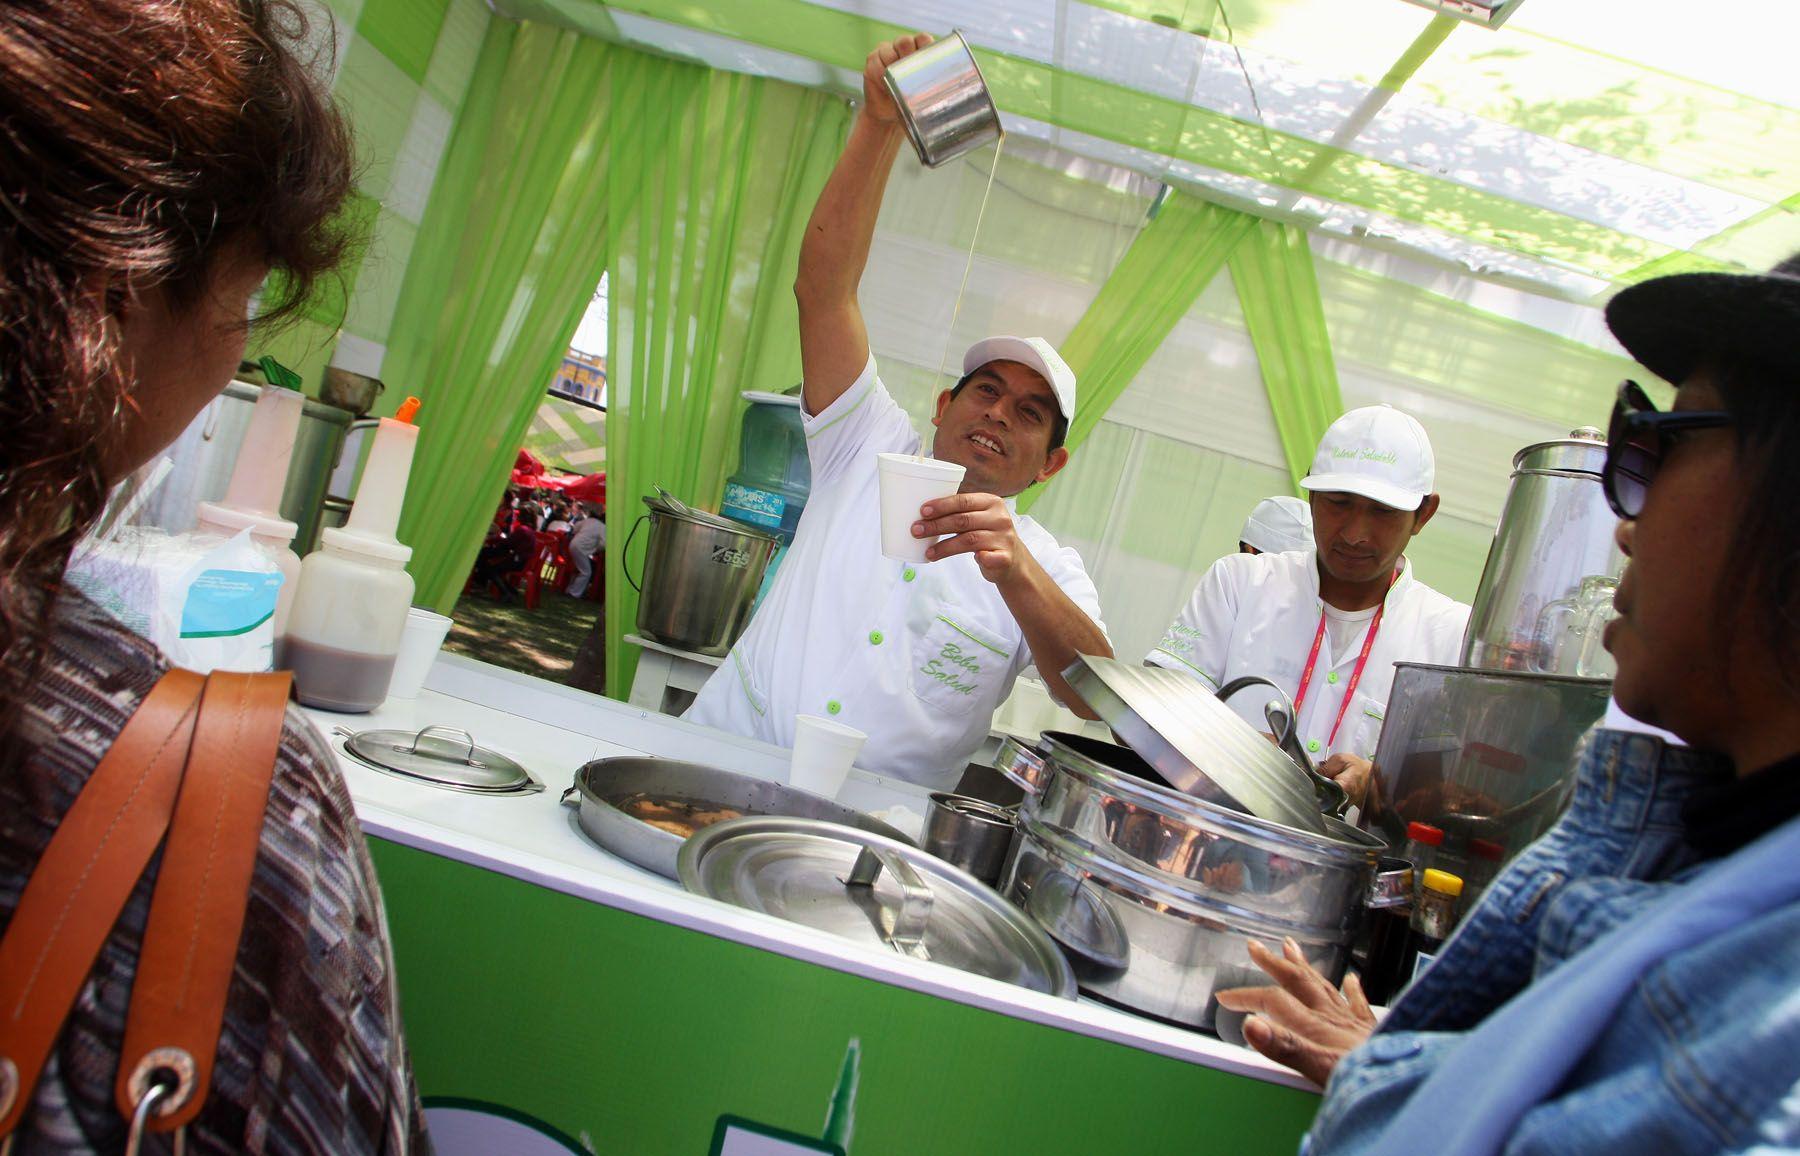 Claudio Manrique, emolientero de Surco, participa en III Feria Gastronómica Internacional de Lima Mistura 2010. Foto: ANDINA/Gustavo Sánchez.